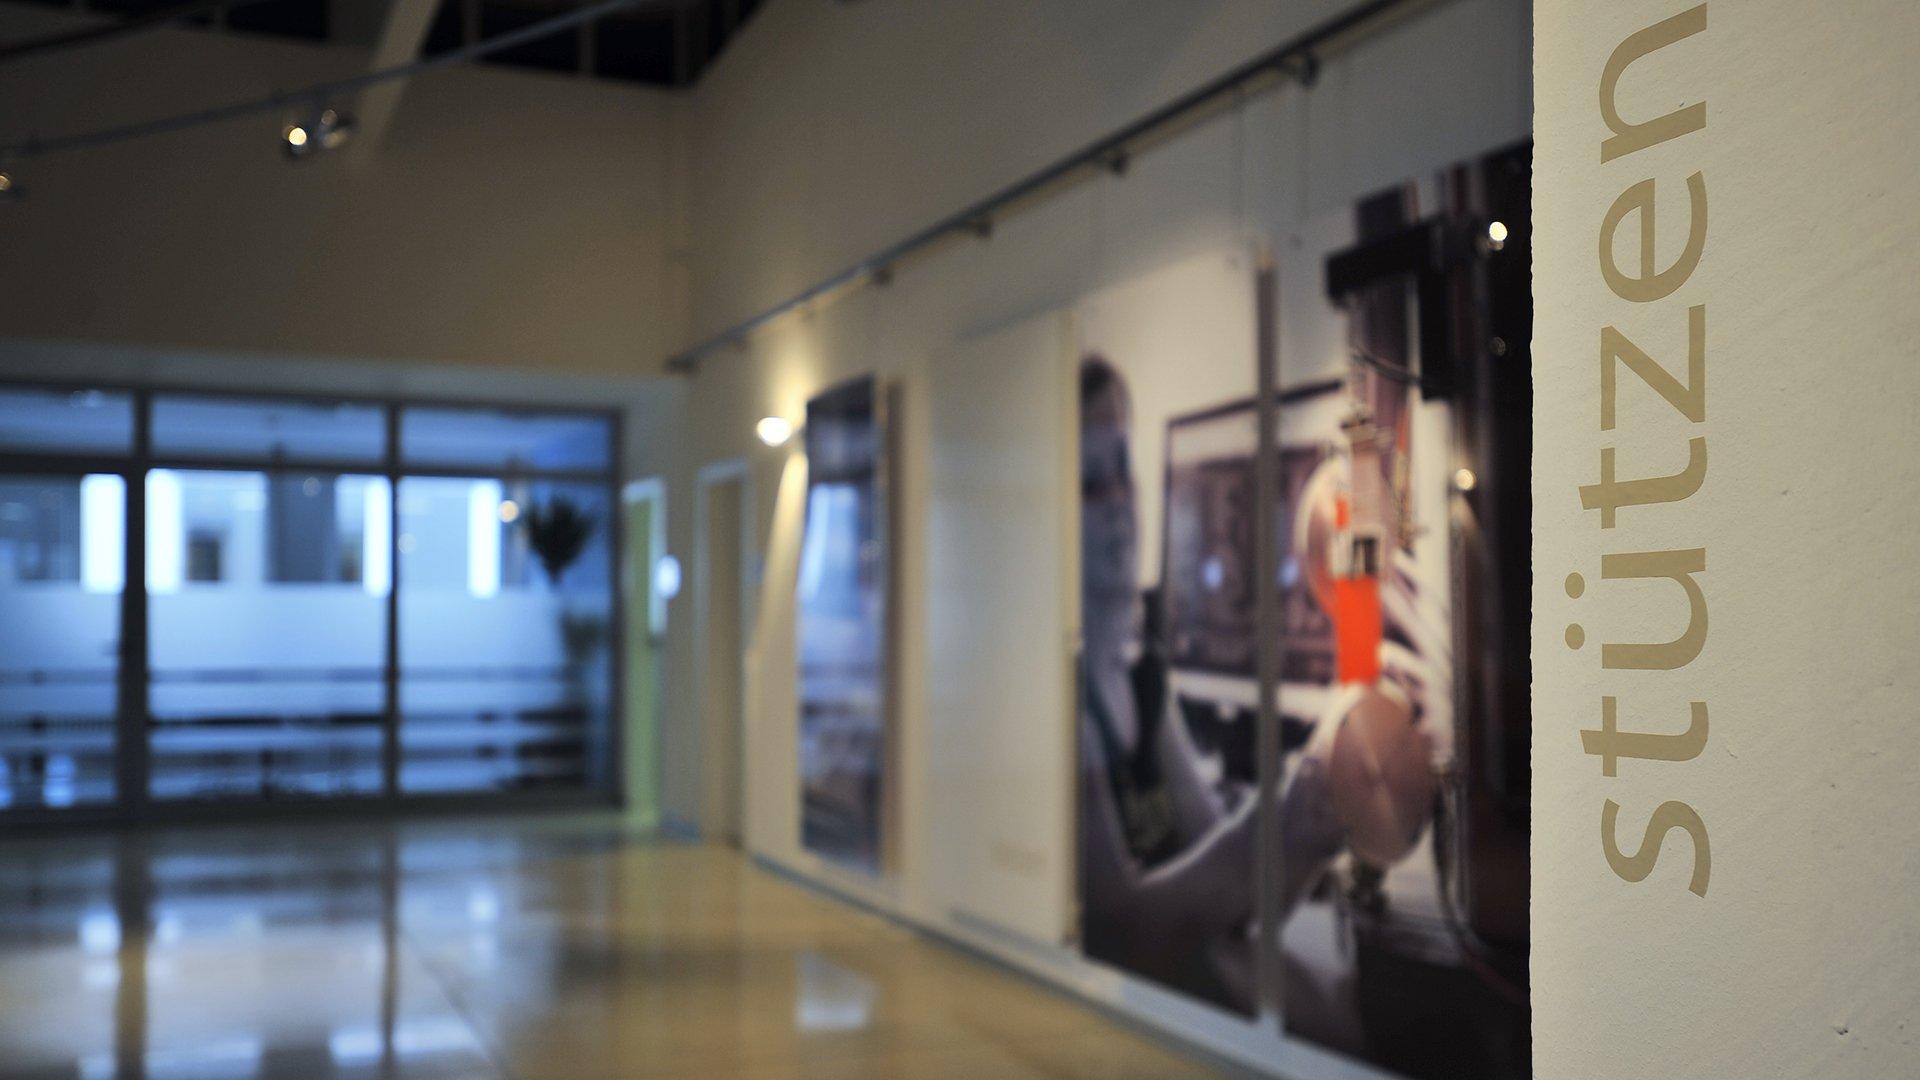 Detailaufnahme Gatex Foyer mit Stützenbeschriftung